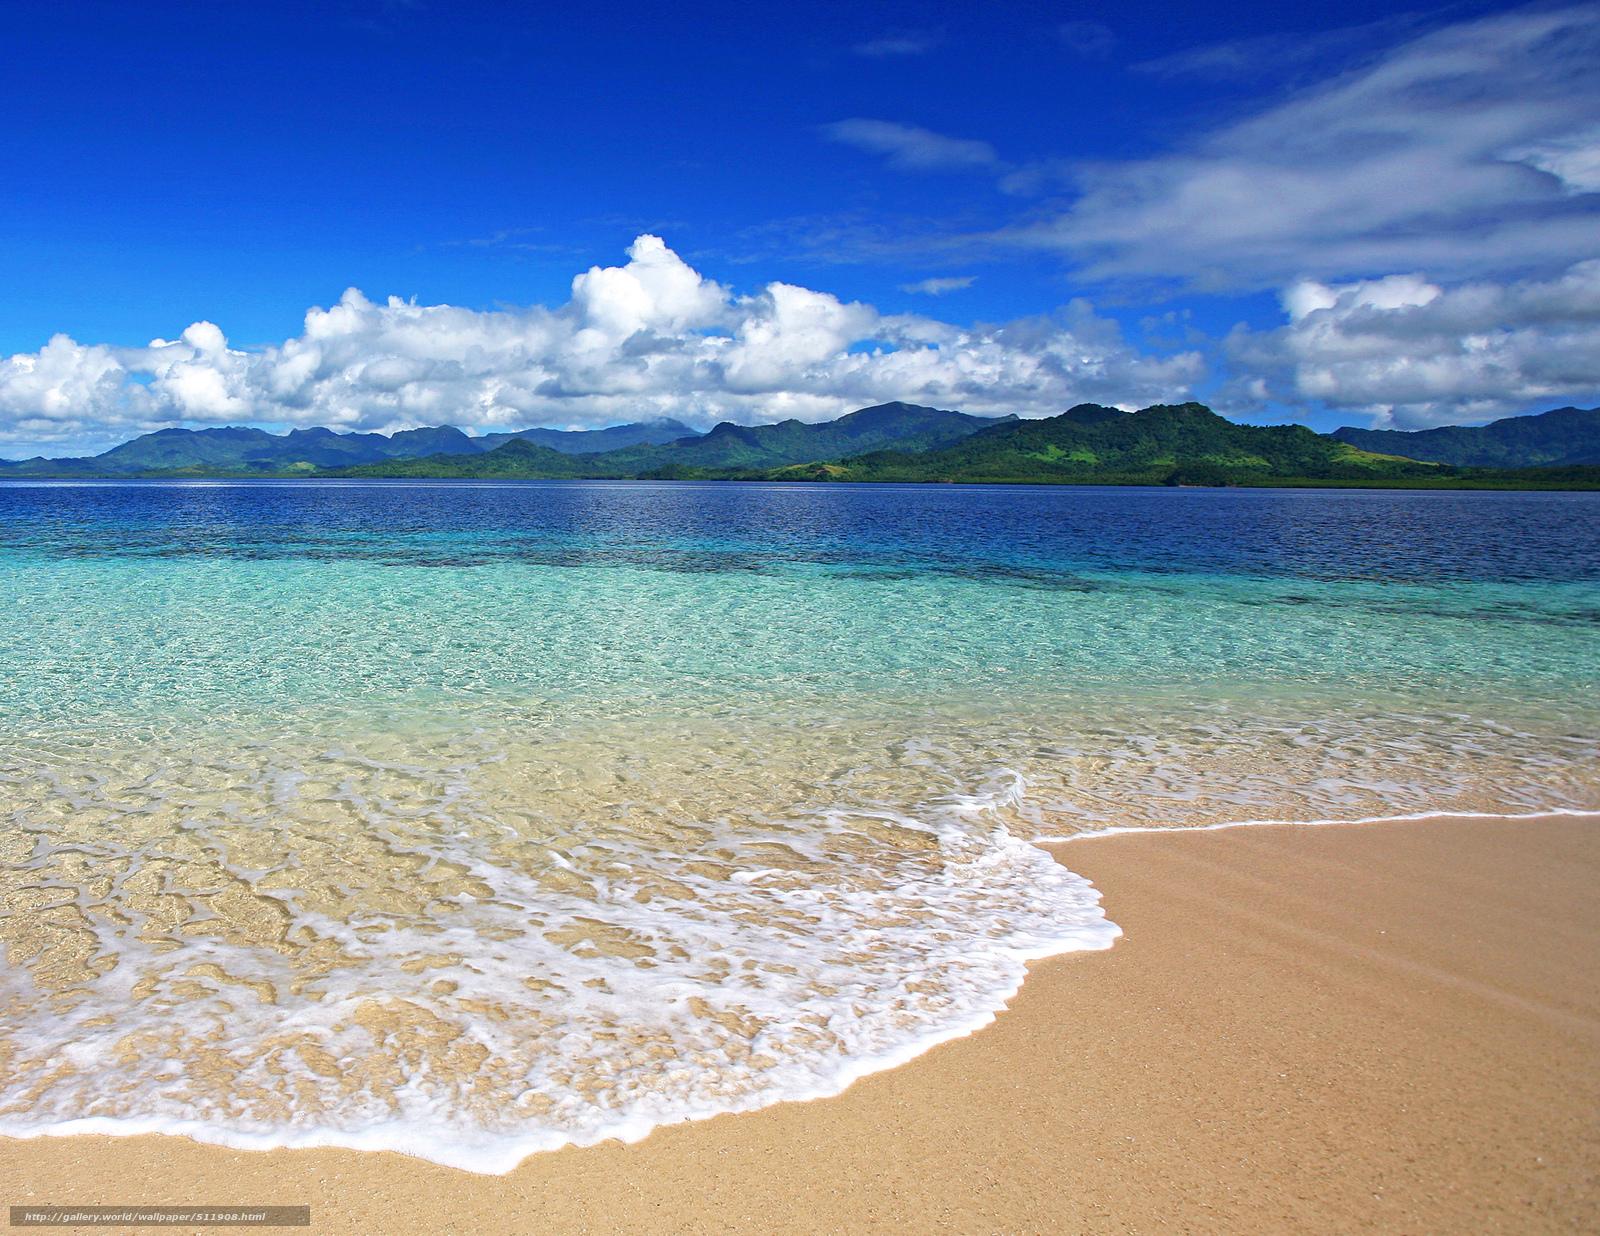 Scaricare Gli Sfondi Mare Spiaggia Sabbia Sfondi Gratis Per La